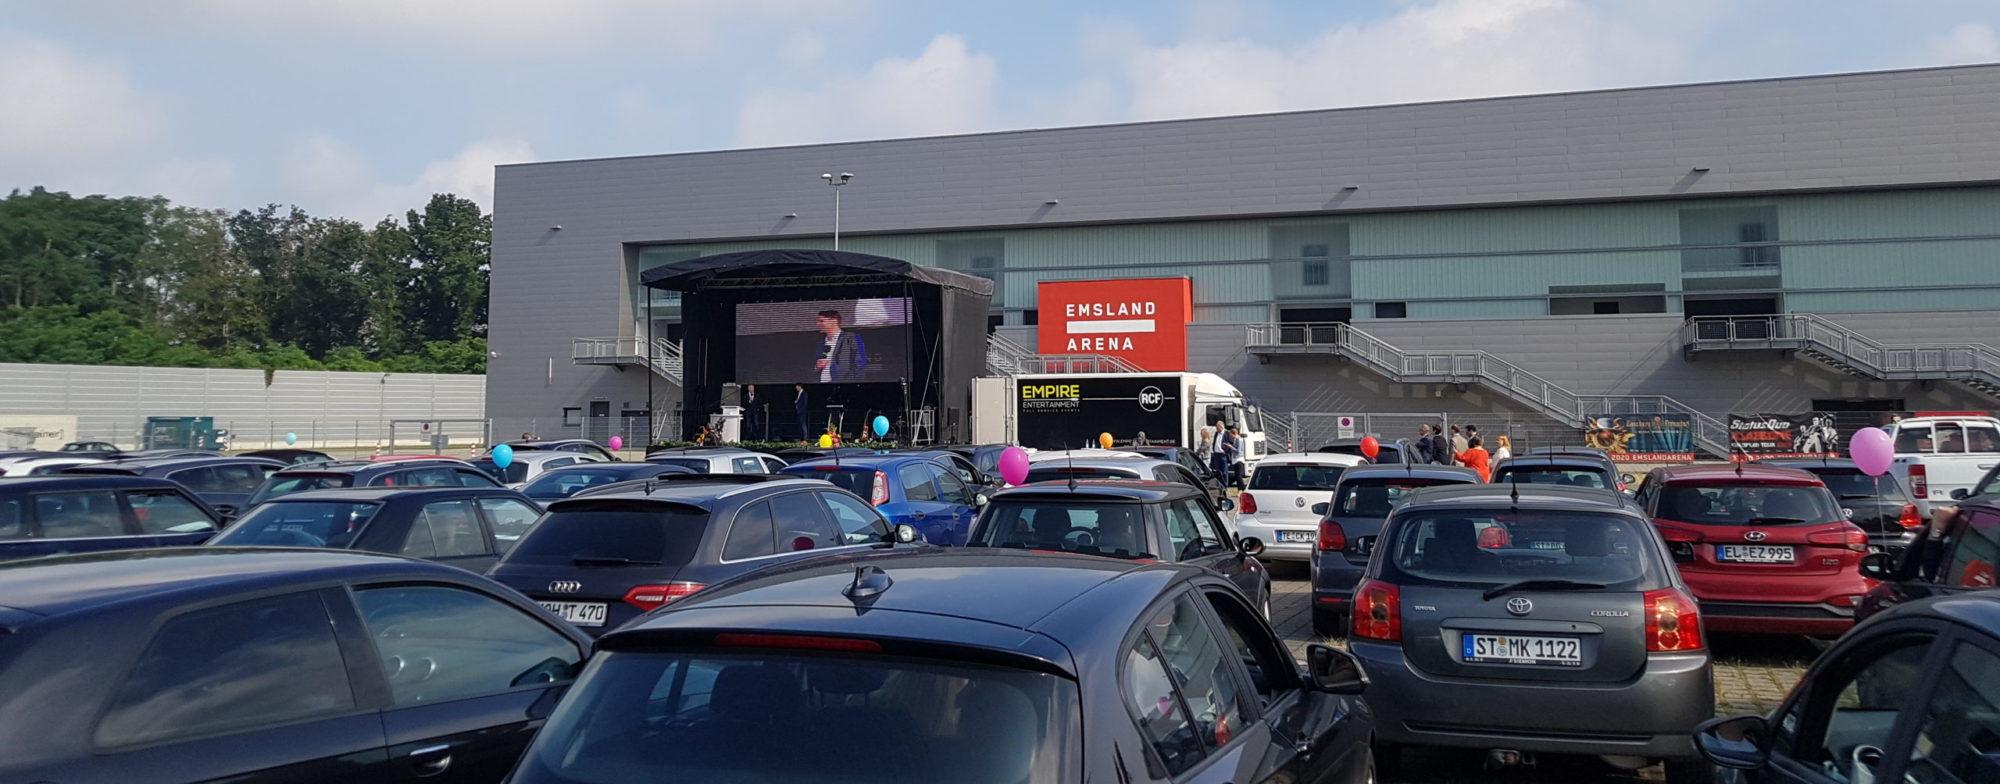 Autos stehen auf dem Parkplatz der EmslandArena vor einer Bühne. Abschluss